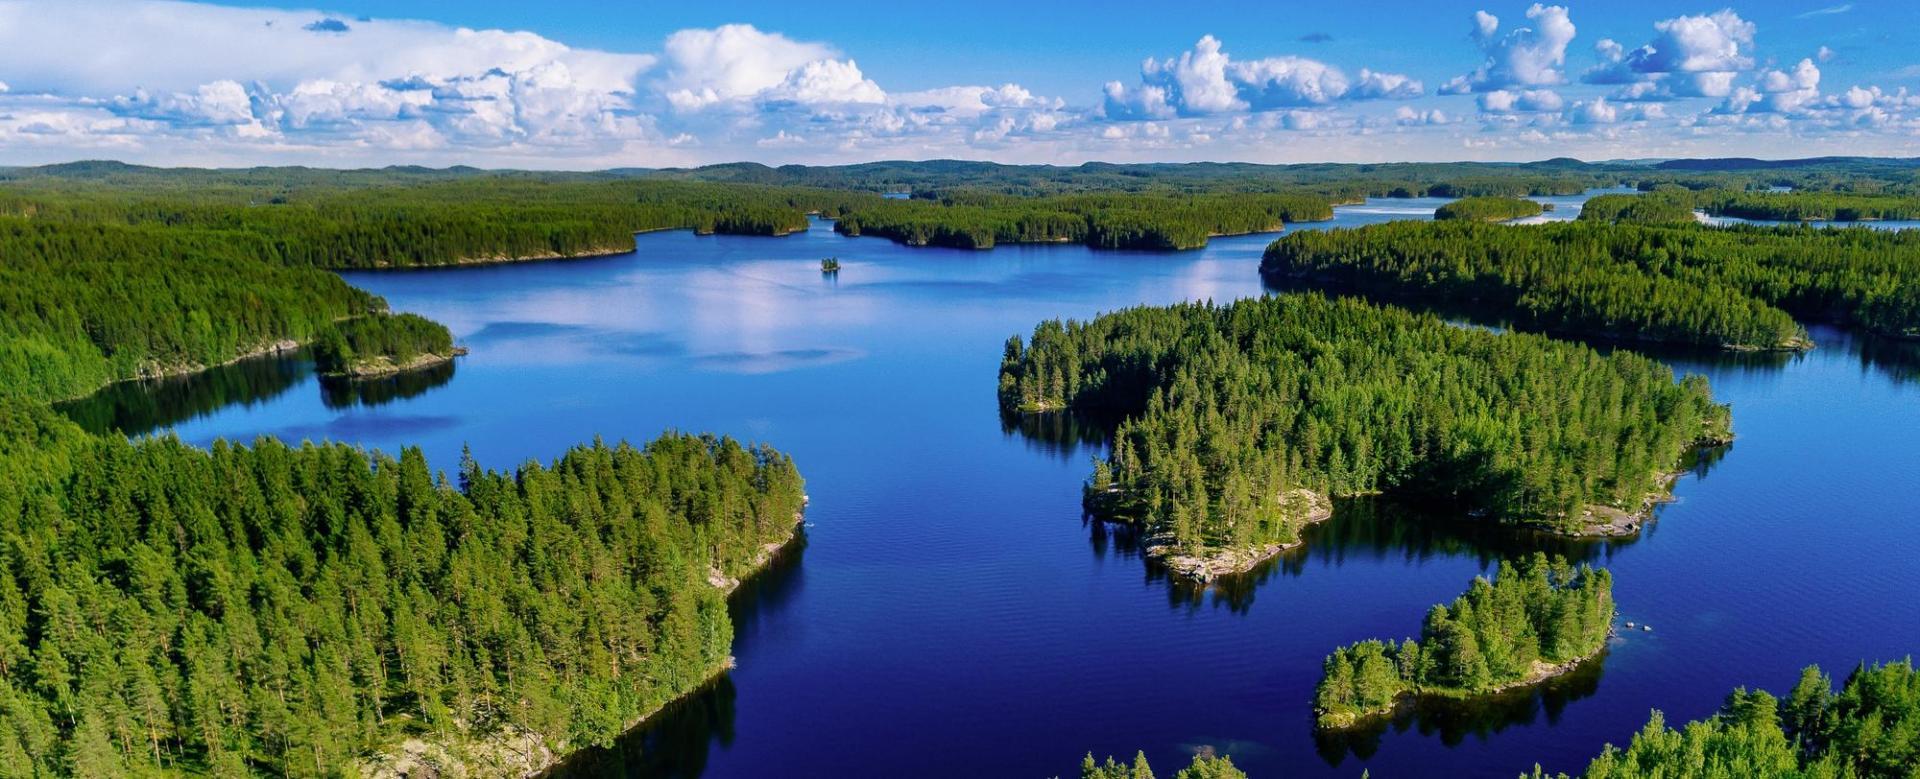 Image Escapade boréale sur une île